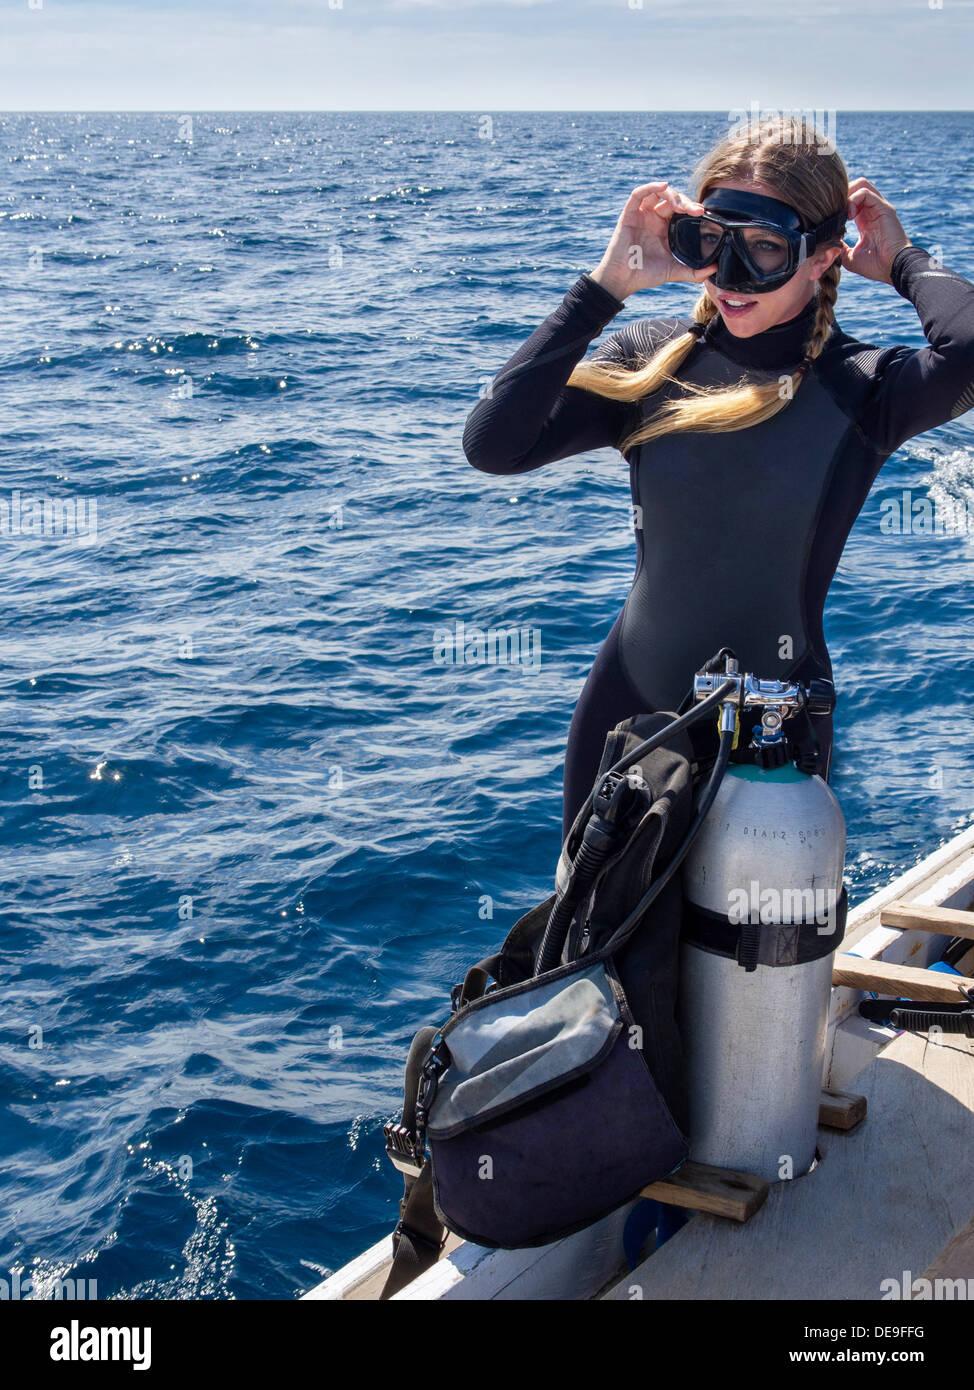 Caucasian woman sur un bateau dans l'océan d'ajuster ses lunettes en préparation pour la plongée. Photo Stock